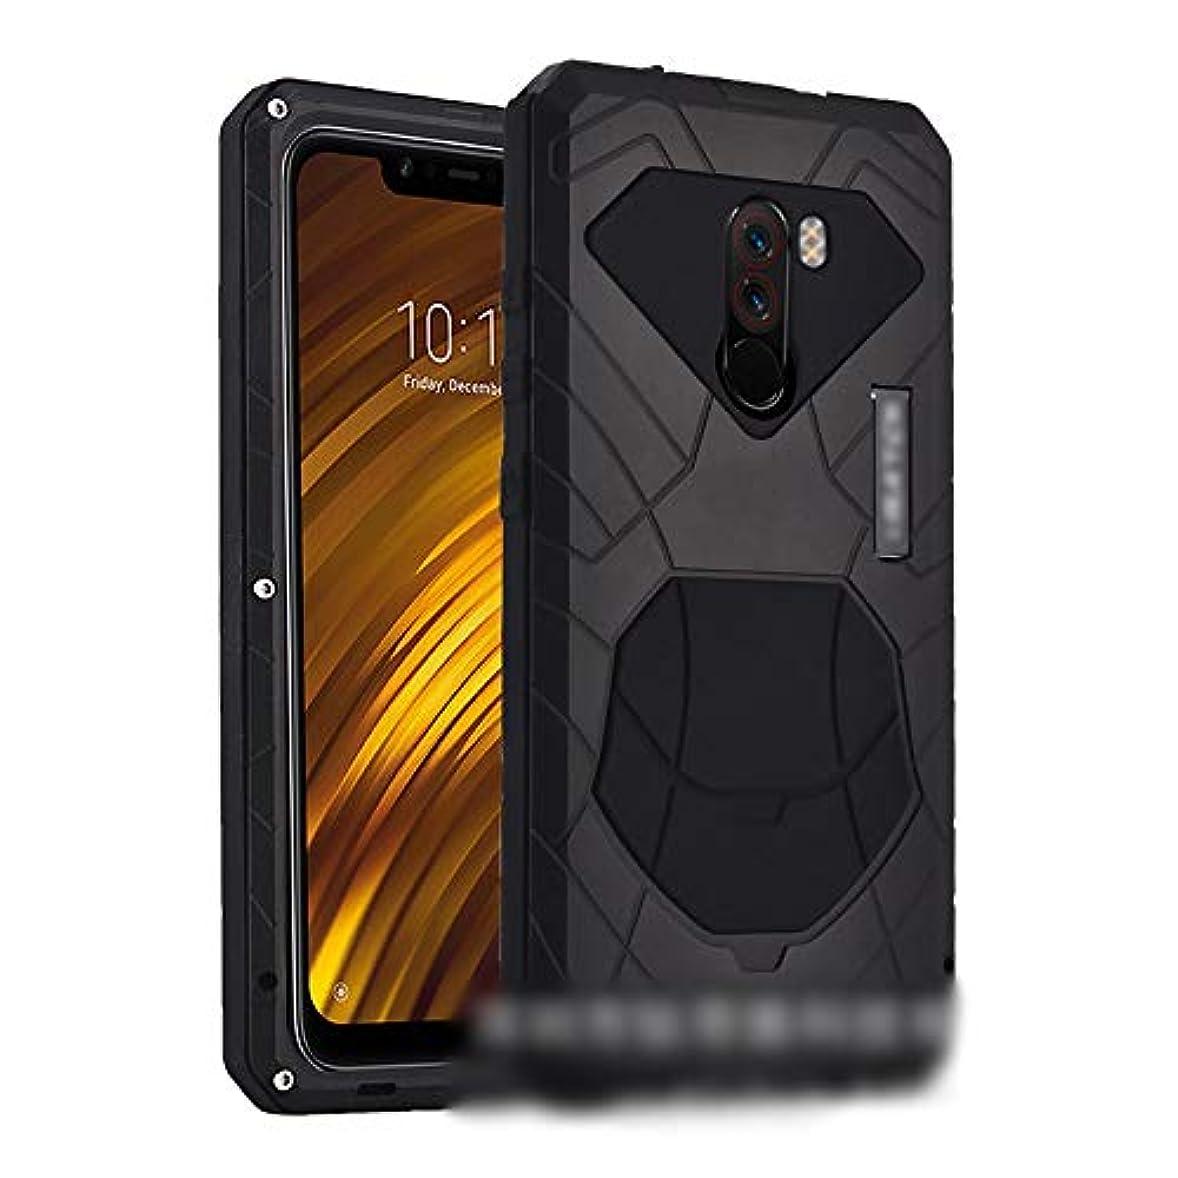 シャープ小切手中央Tonglilili Xiaomi Max3、mix2s、mix2、mix、9、POCOPHONE F1、max、2,8用の3つのアンチ携帯電話シェル新しいアンチフォールメタルシリコン保護カバー電話ケース (Color : 黒, Edition : Max)